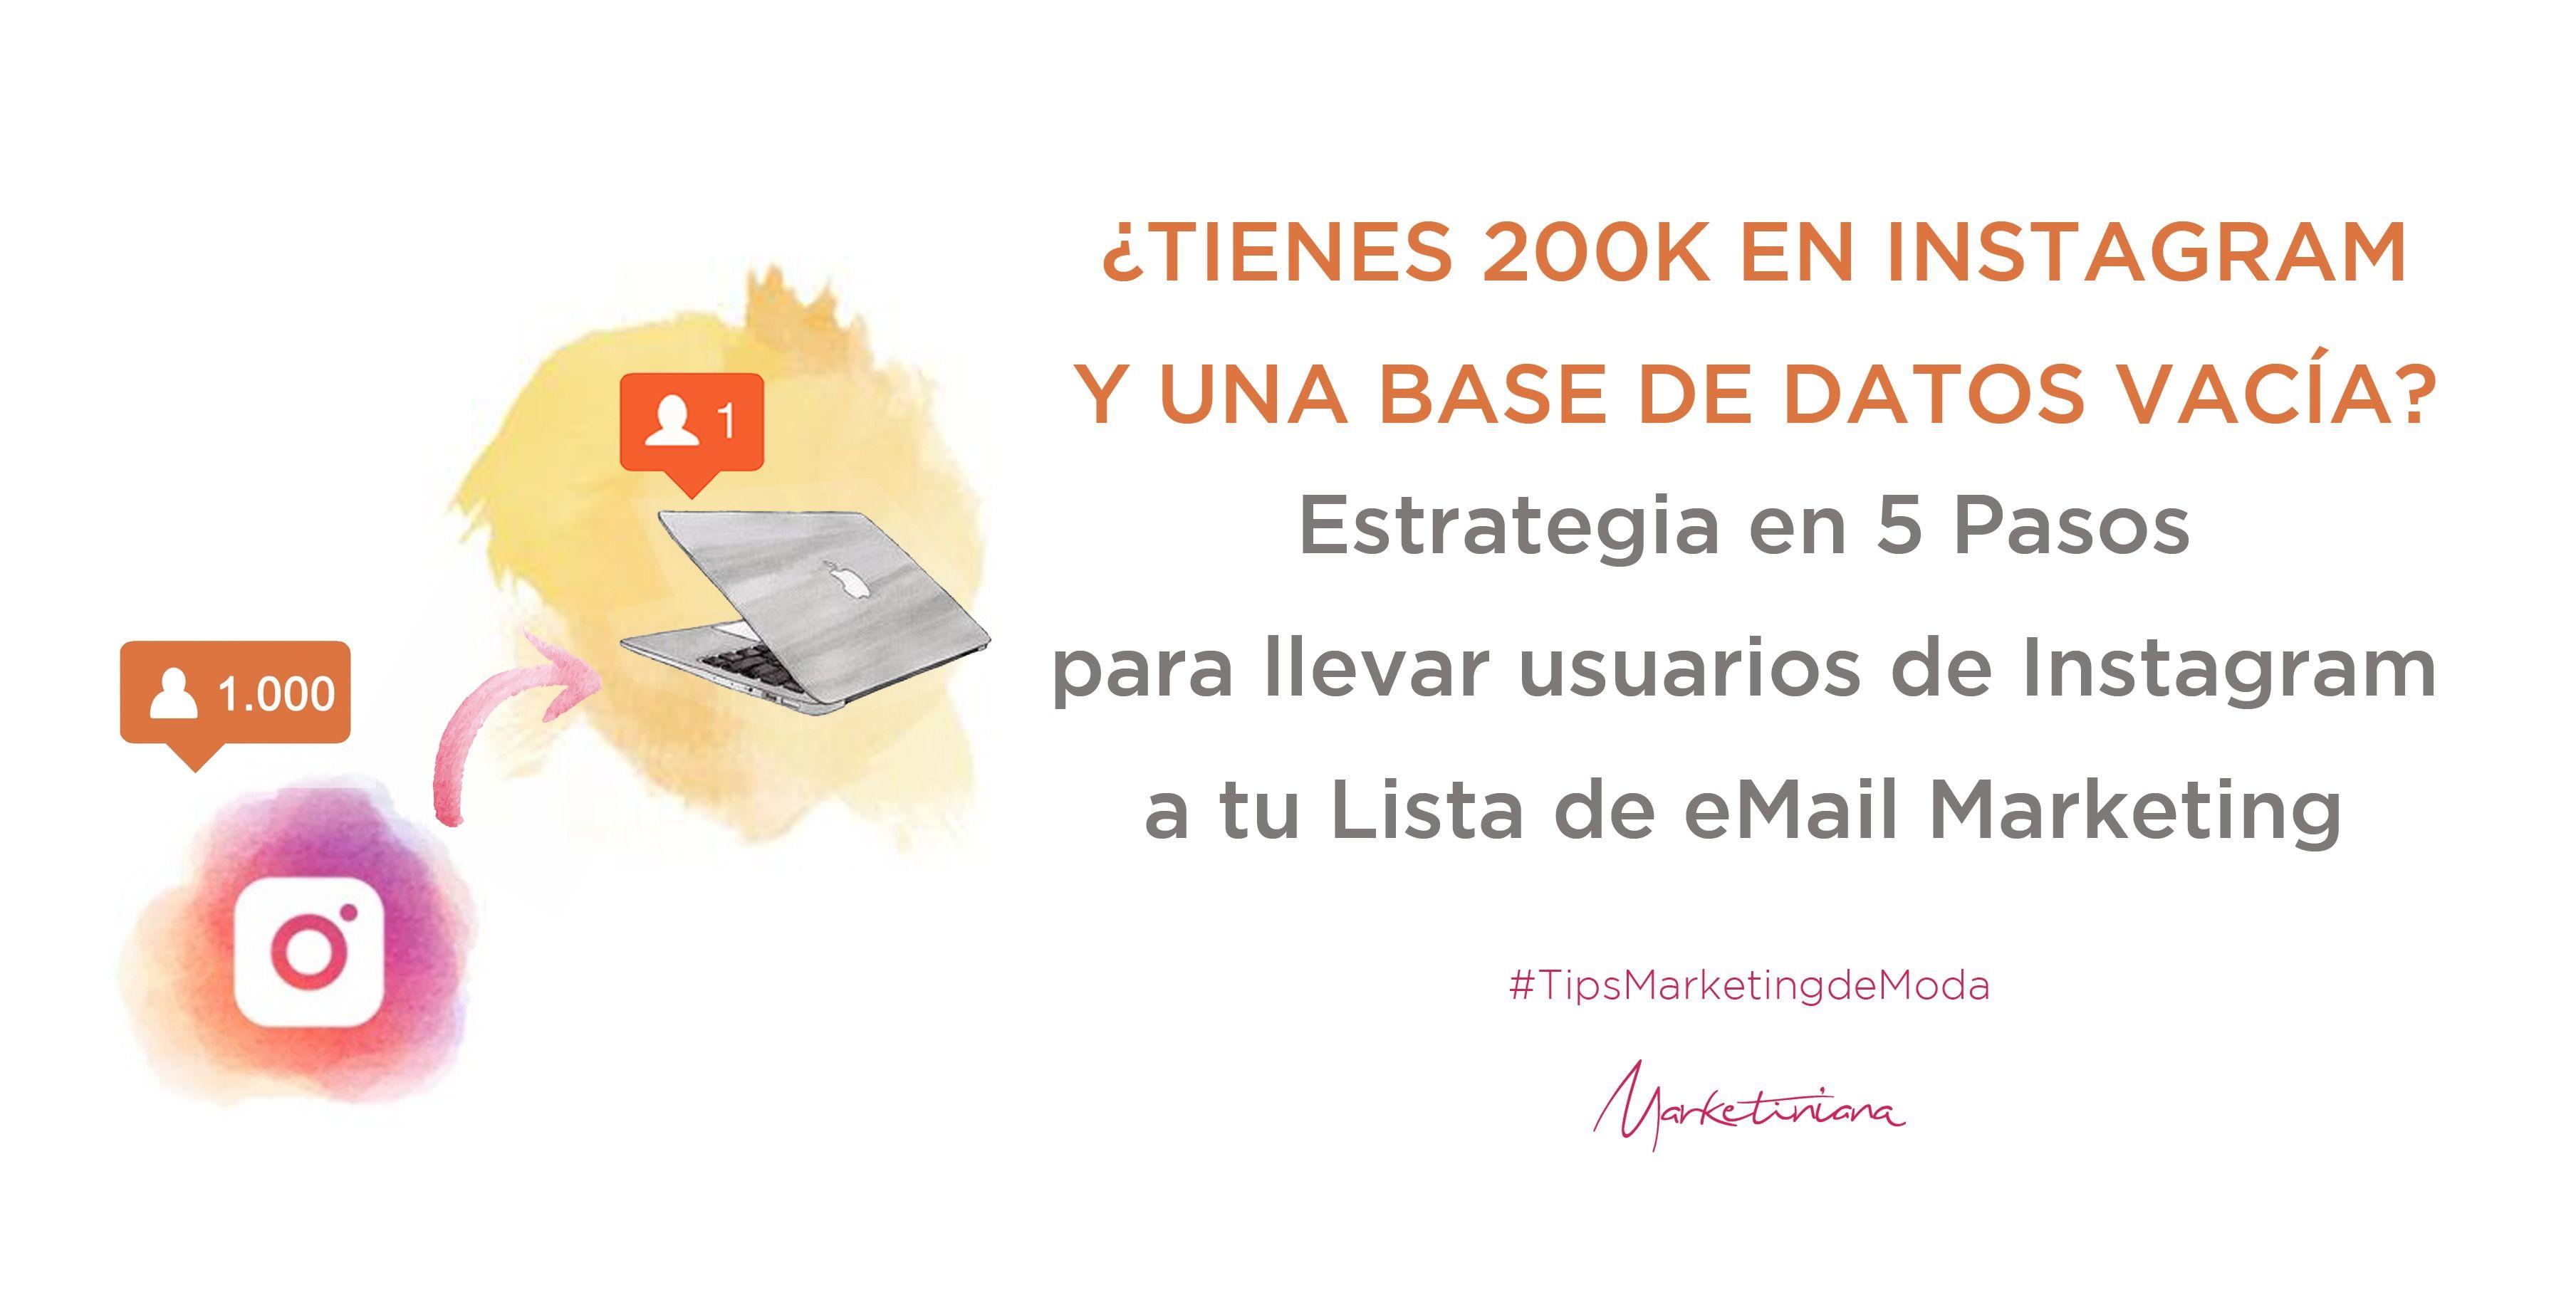 Ganar-suscriptores-desde-Instagram-Portada-AnaDiazdelRio.jpg